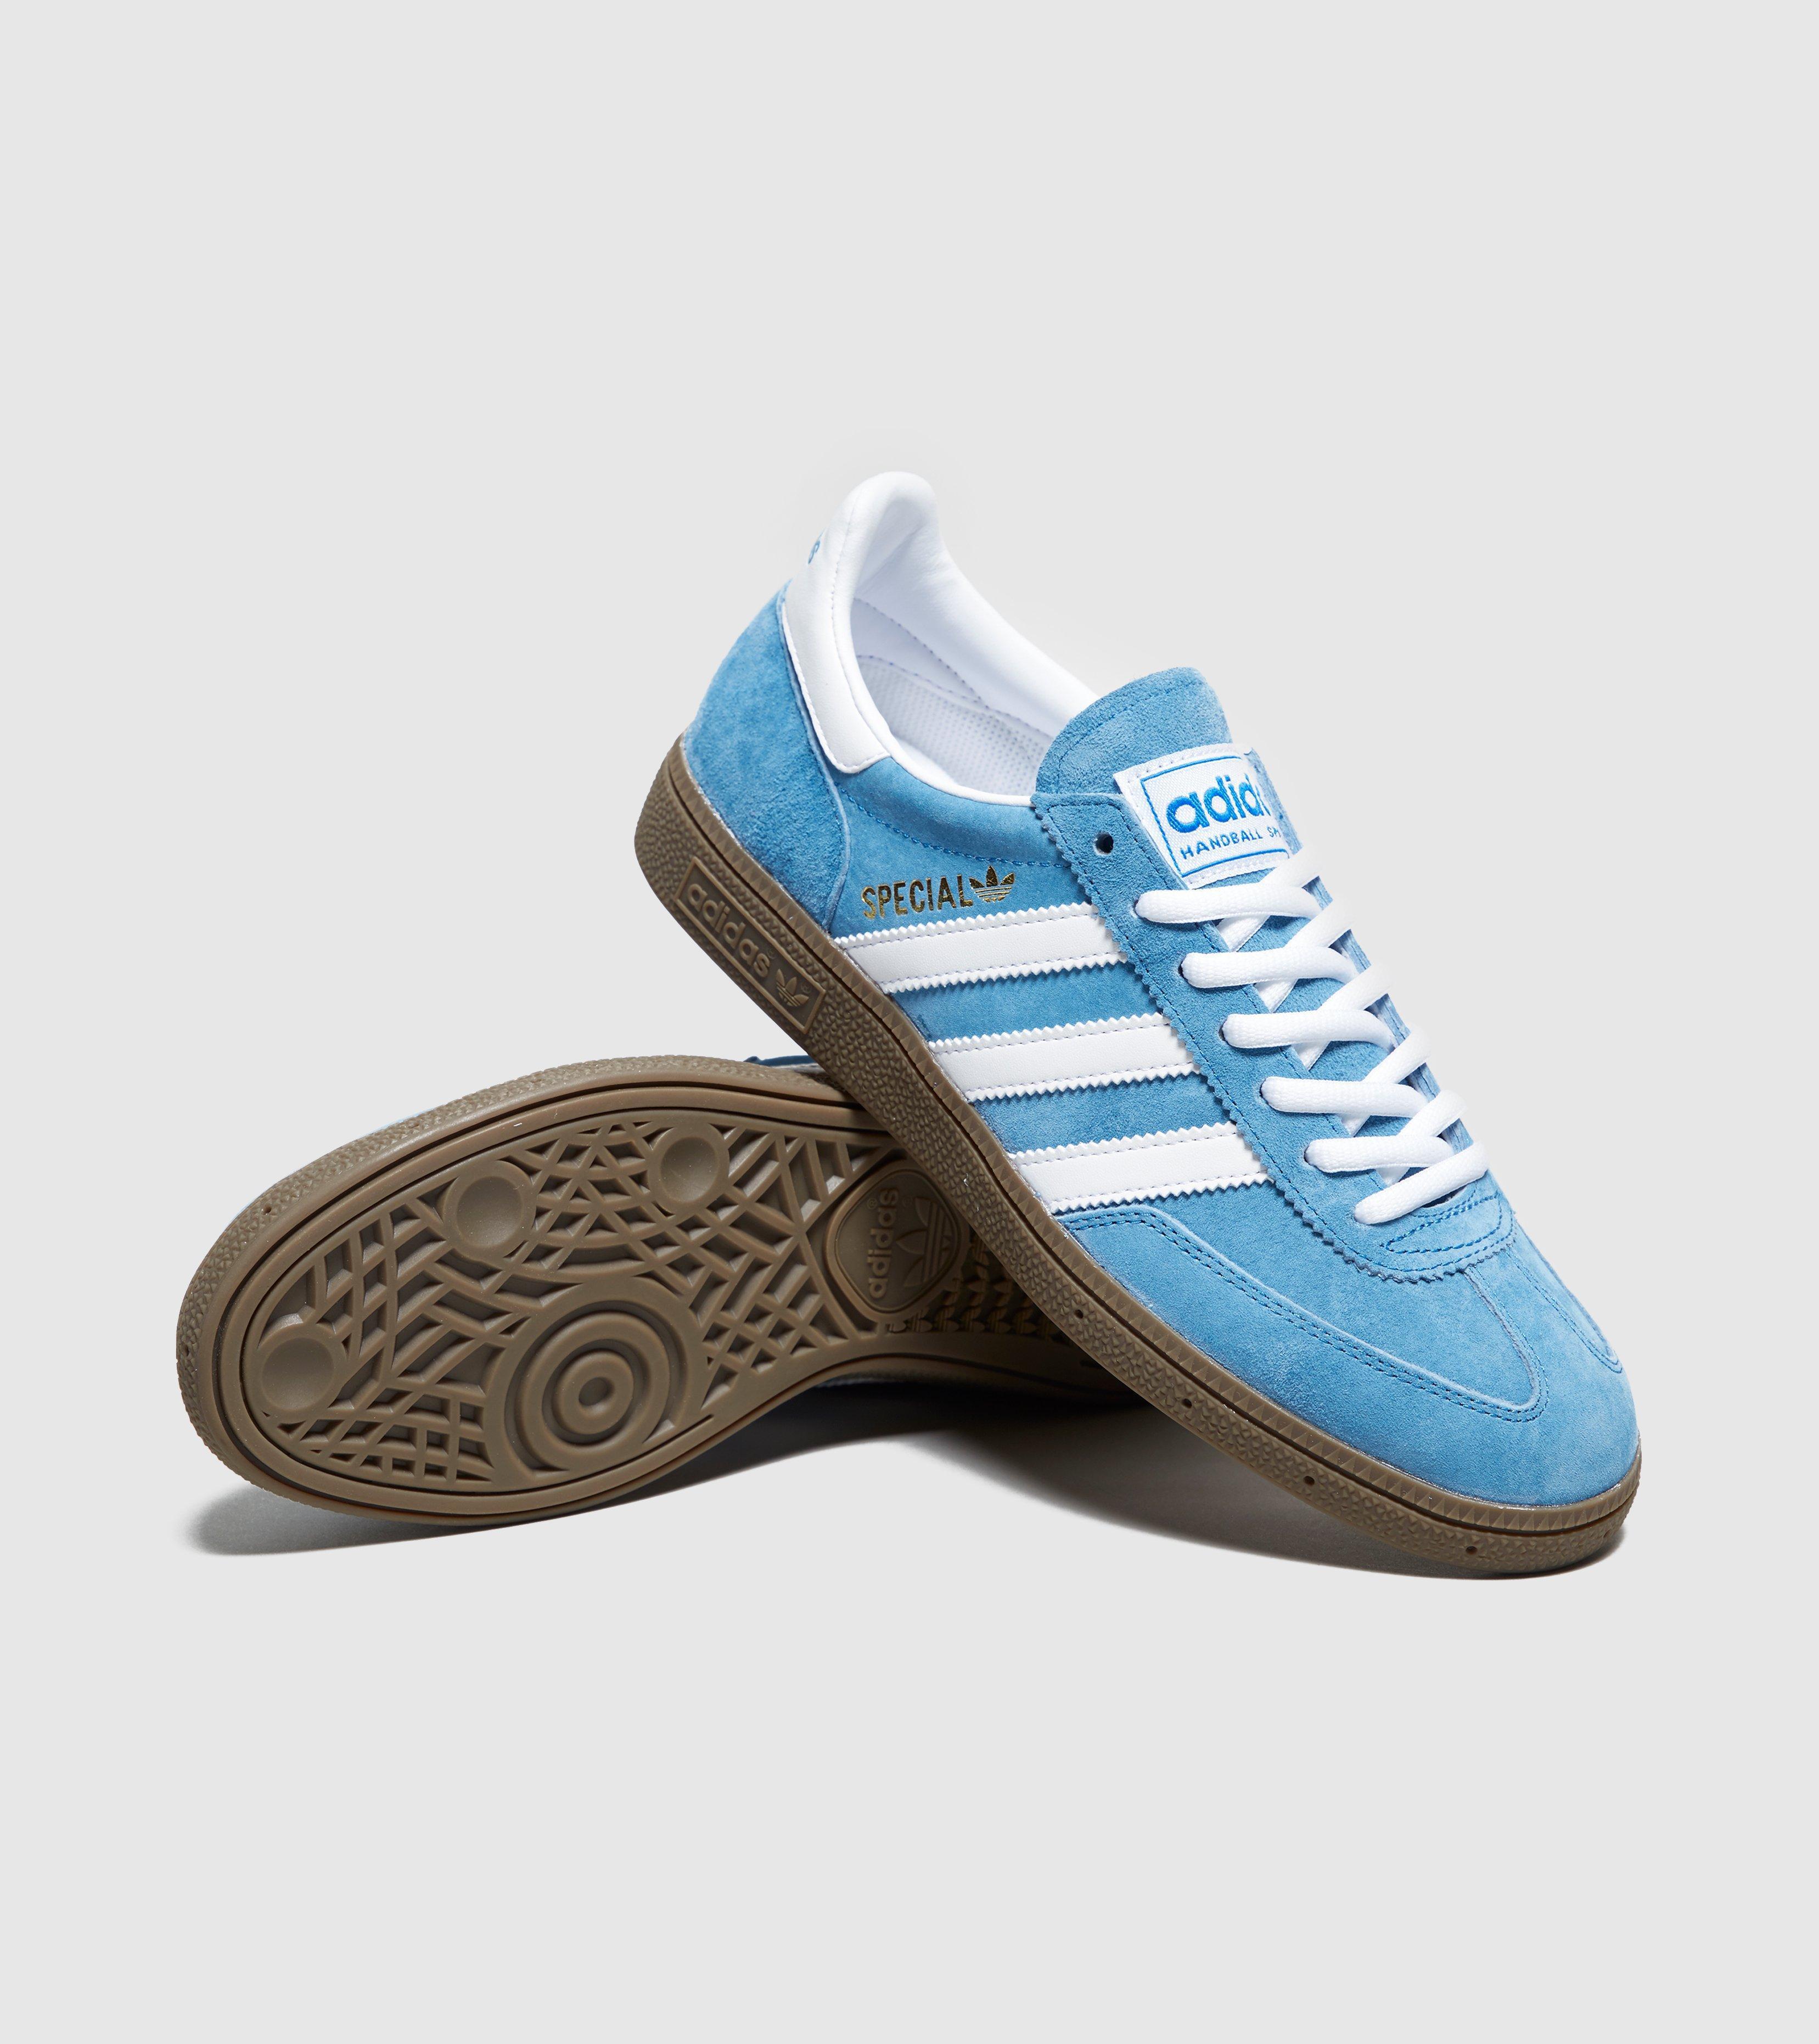 b8ebdf047131 Adidas Originals Spezial in Blue for Men - Lyst